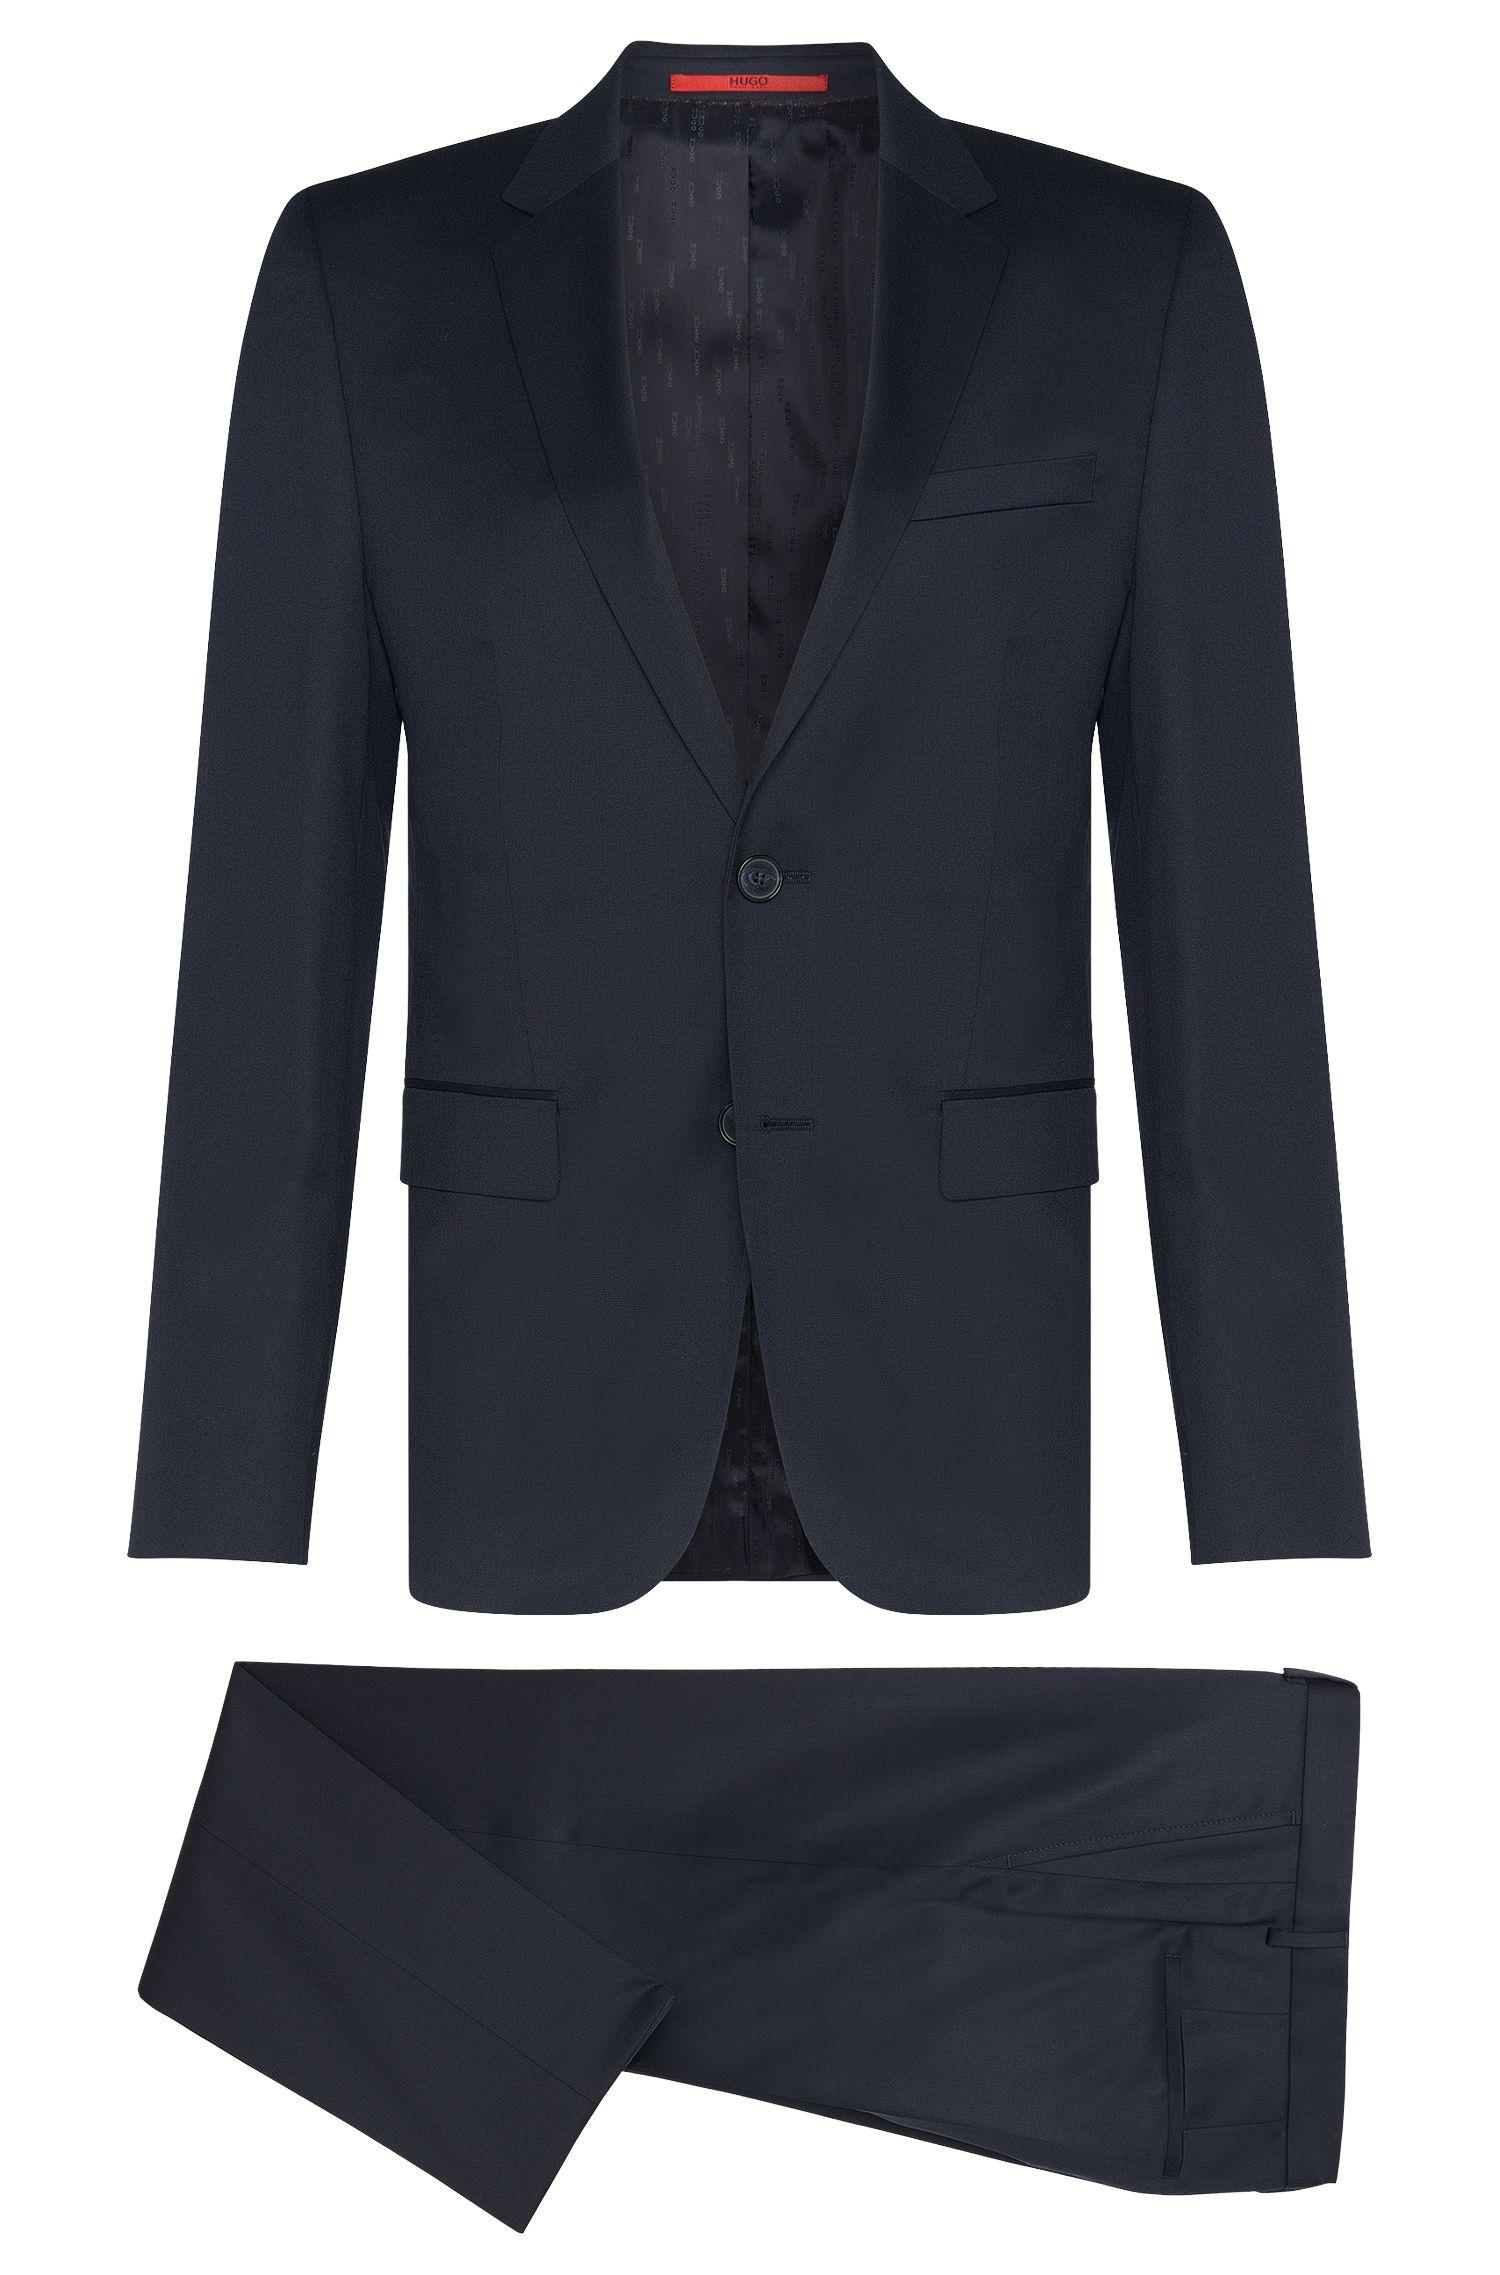 'Aeron/Hamen' | Slim Fit, Virgin Wool Suit